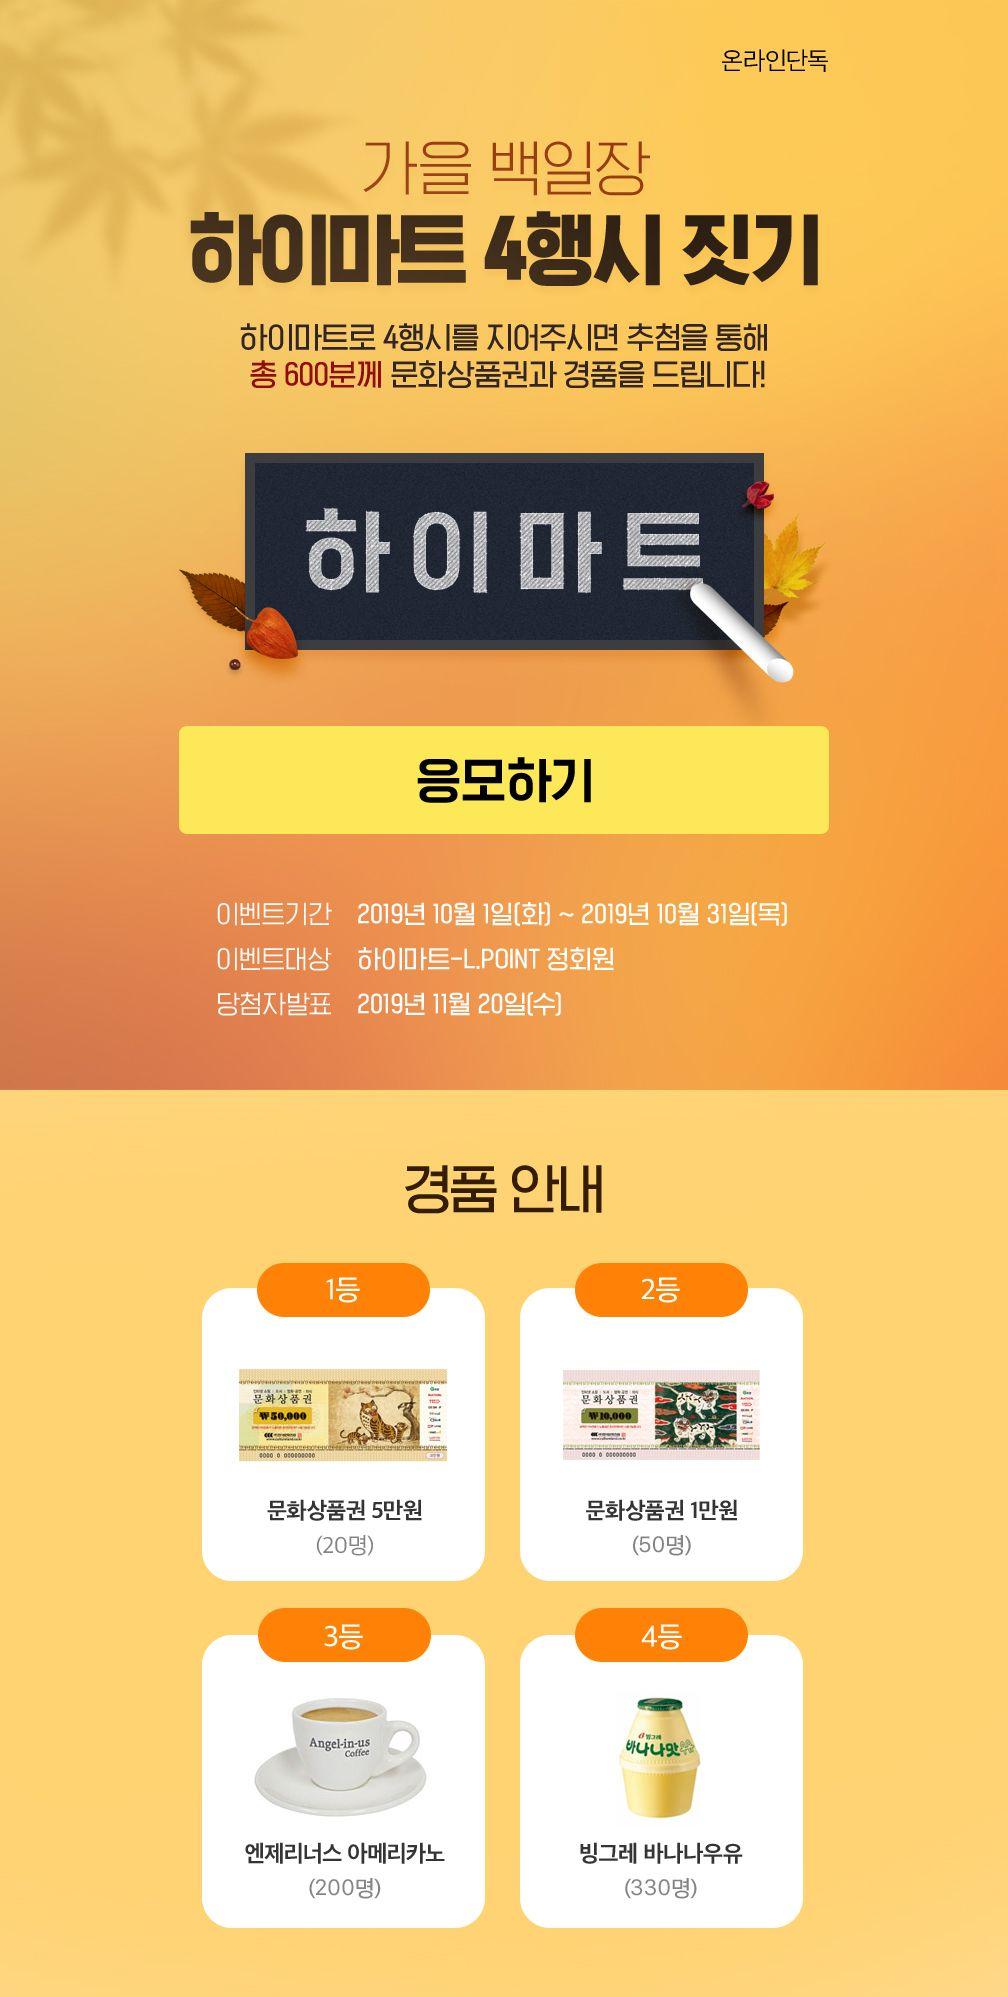 2019년10월3주차 국문 하이마트 4행시짓기 E Himart Co Kr 웹디자인 인스타그램 페이지 디자인